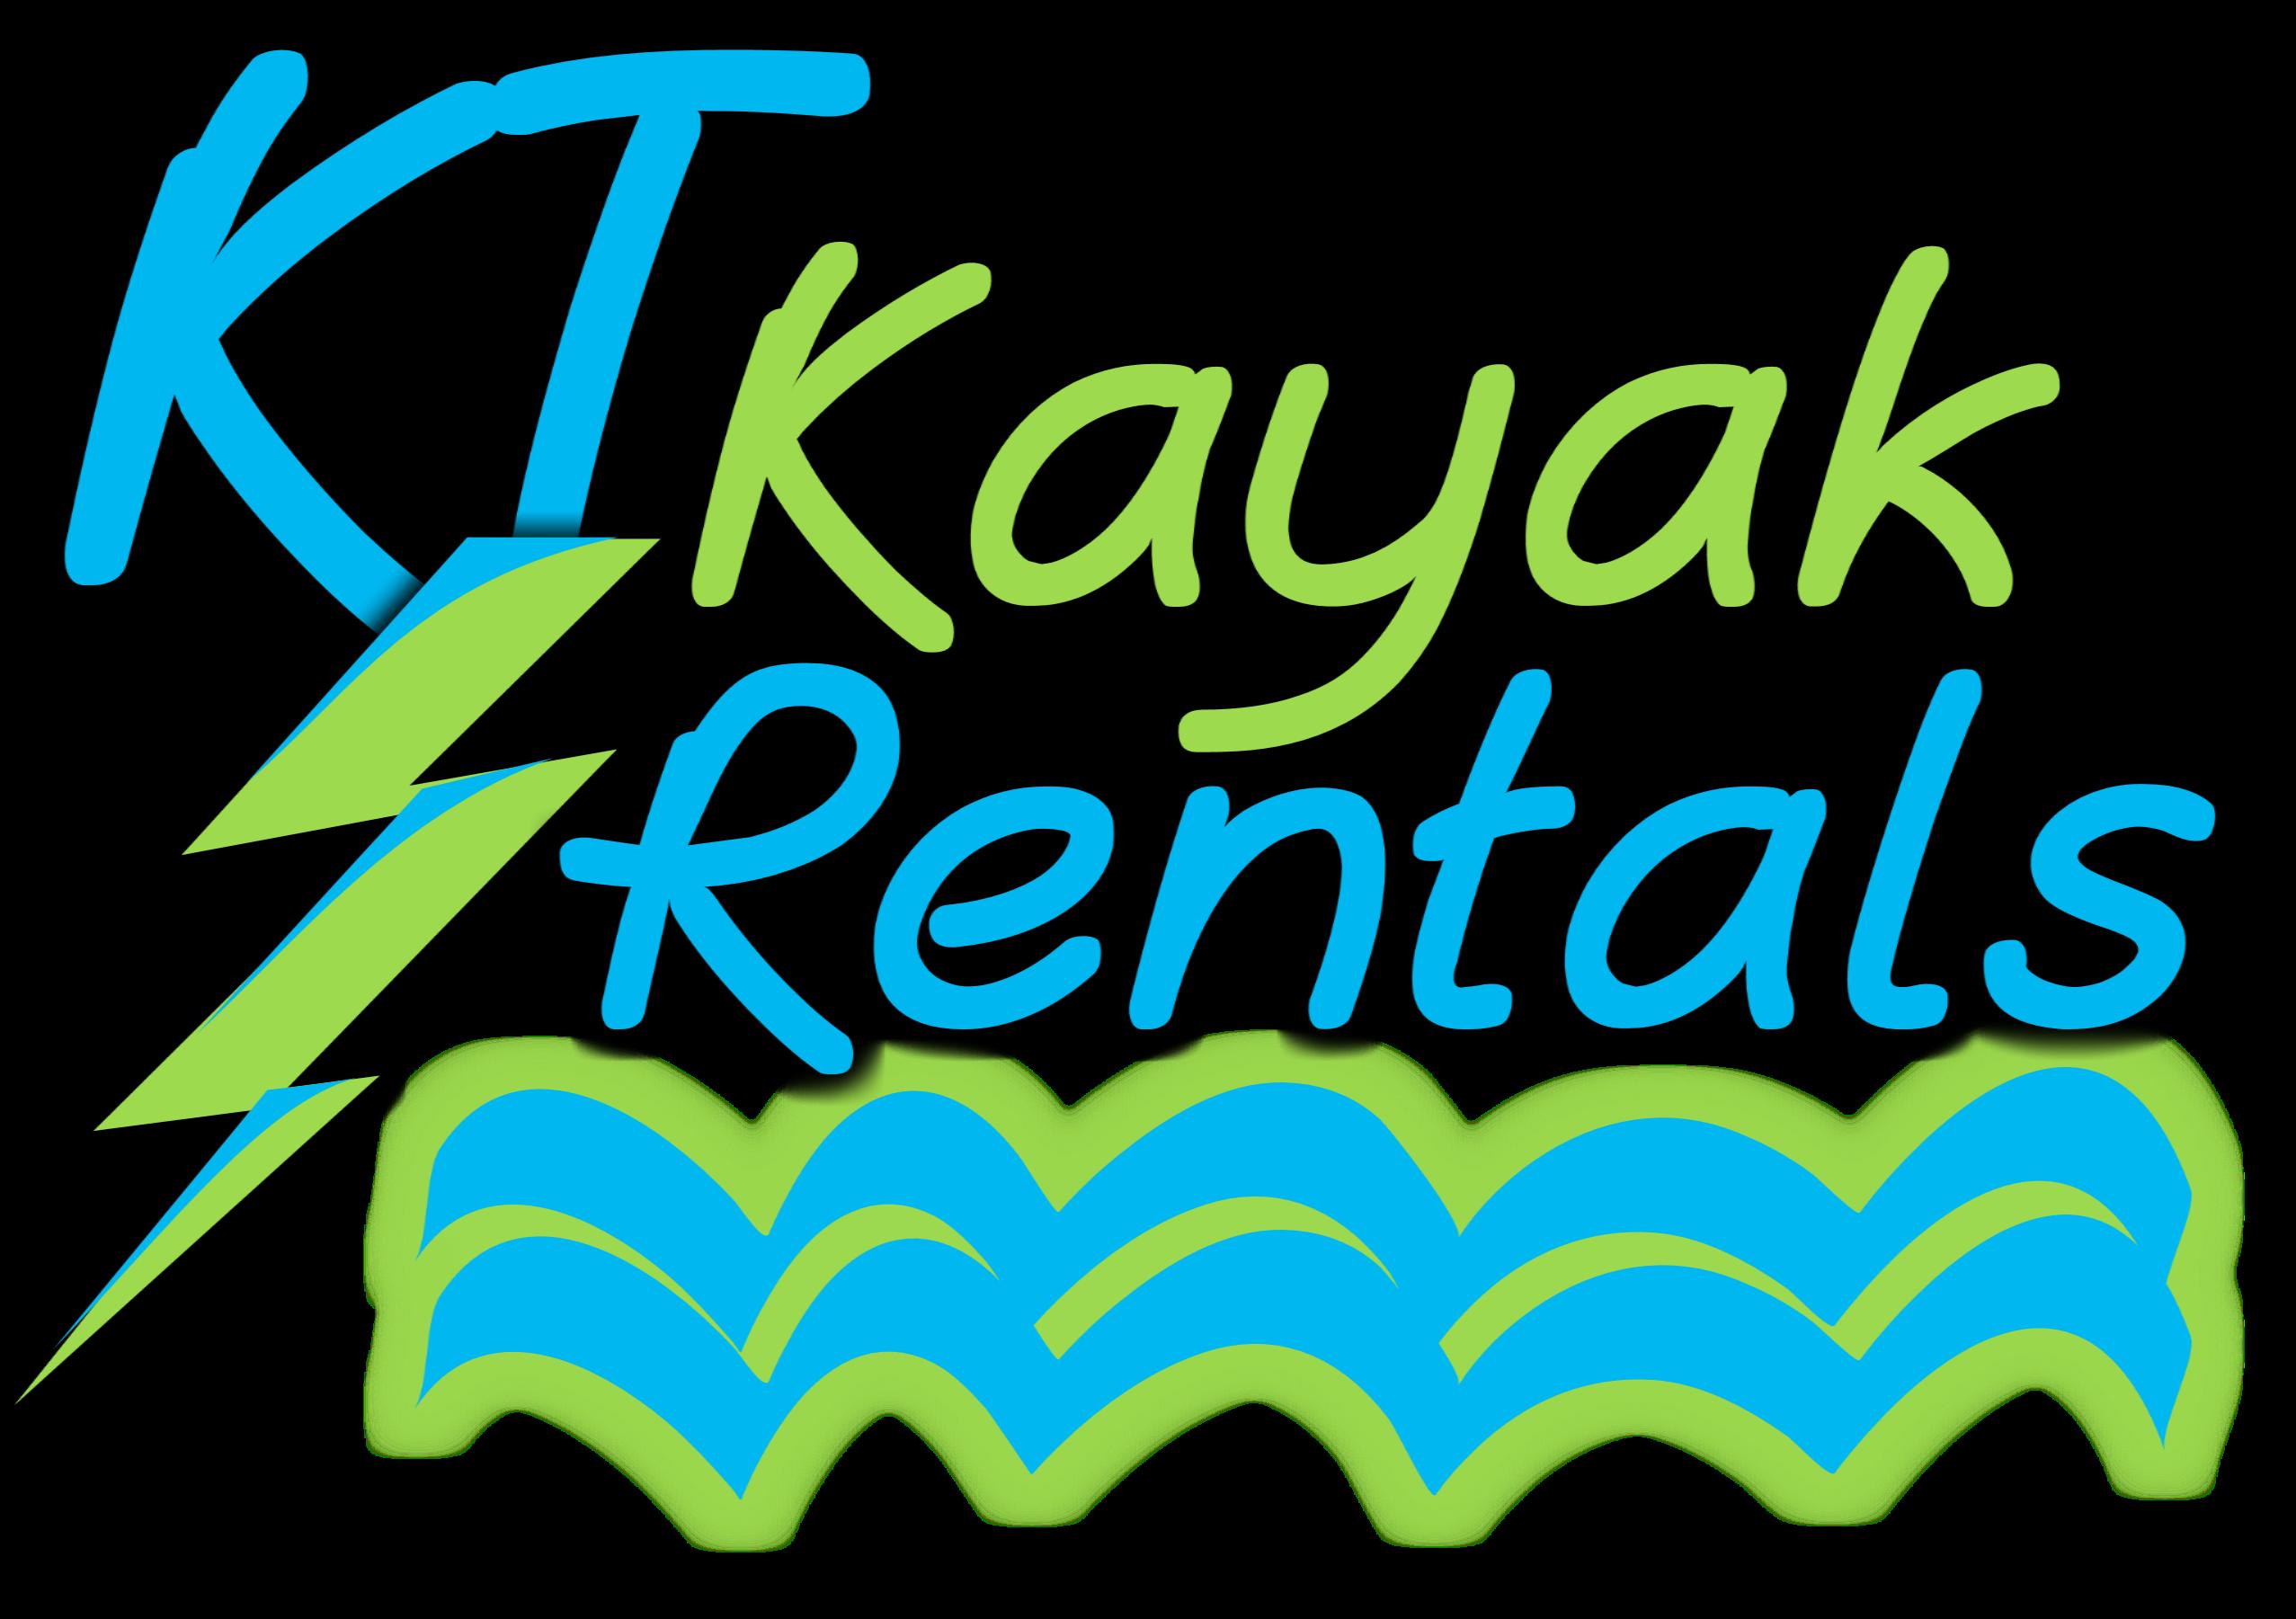 KT Kayak Rentals